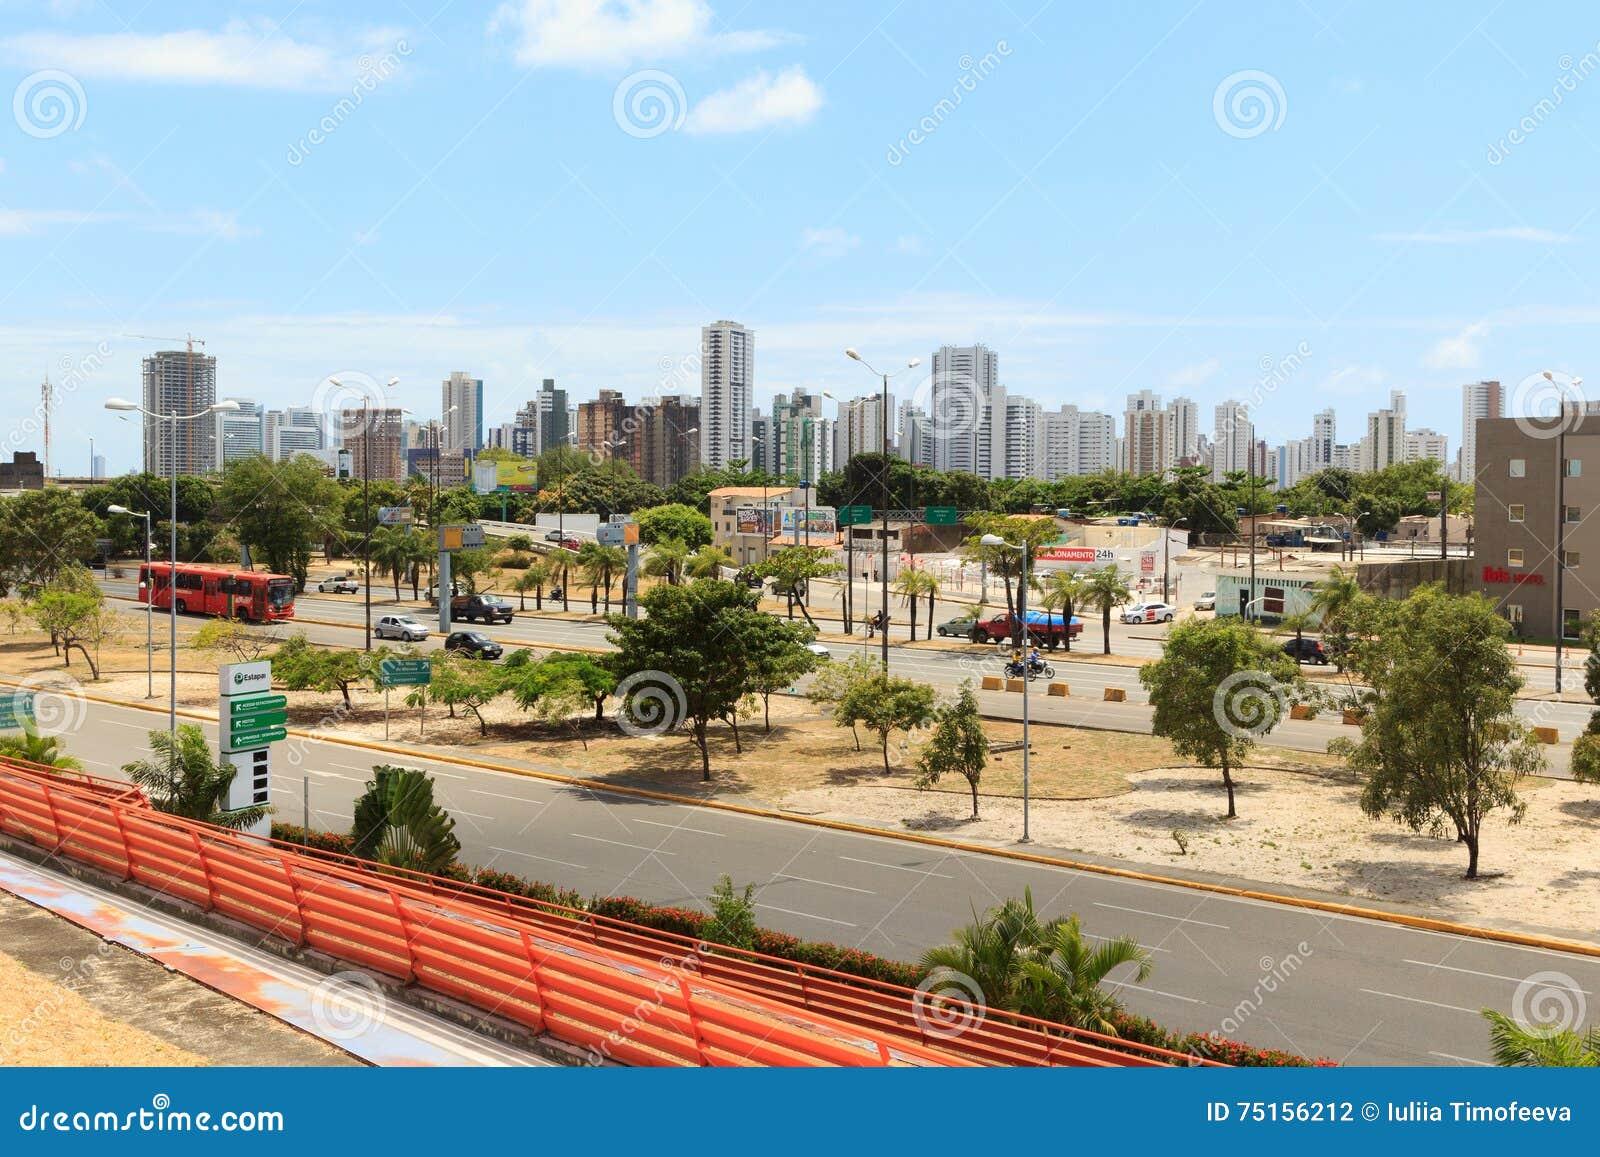 Panoramablick von Gebäuden, Hotels in Recife, Brasilien